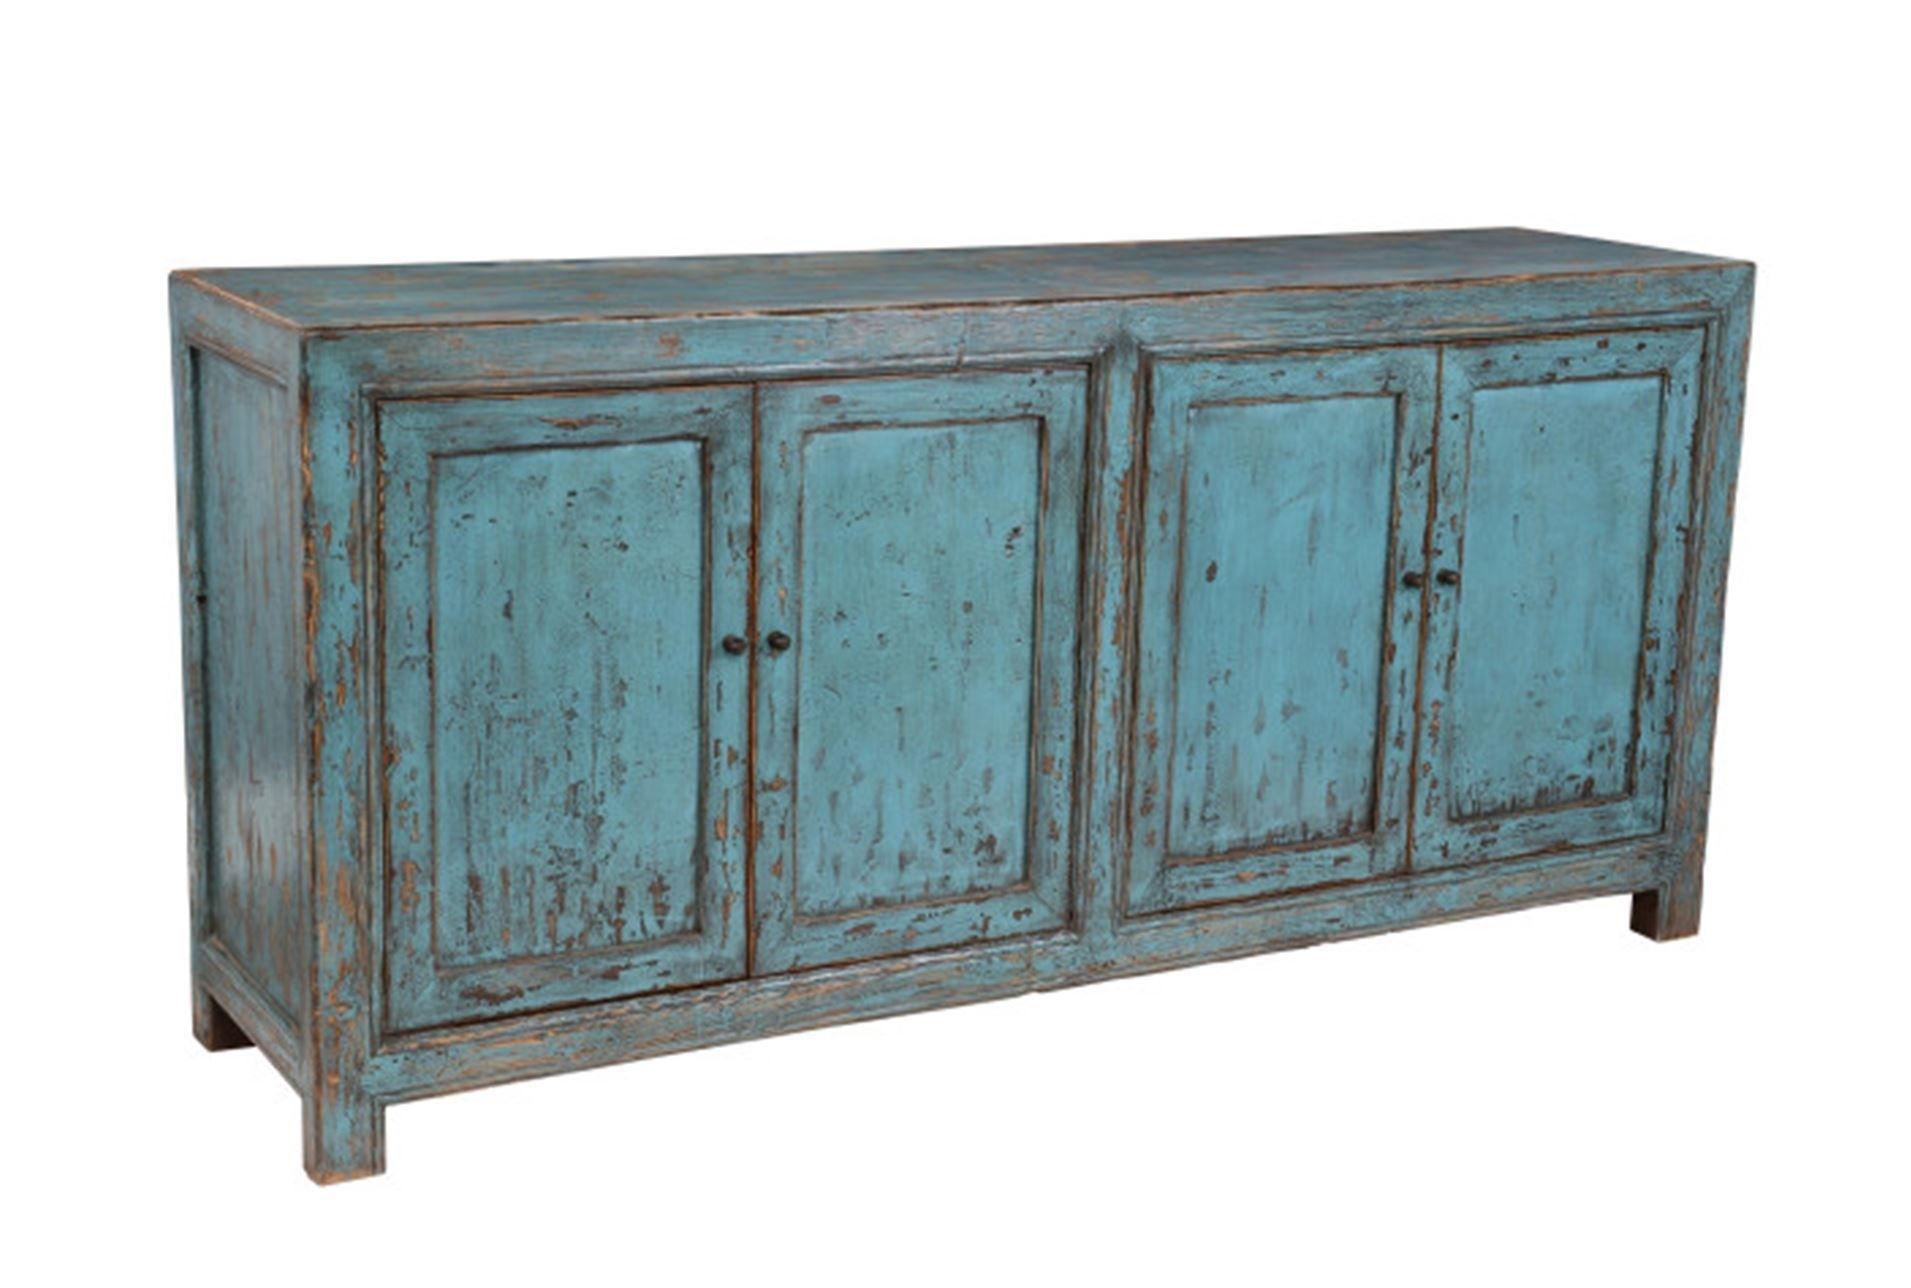 Reclaimed Pine Turquoise 4 Door Buffet | Pedigo Project | Pinterest Regarding Current Reclaimed Pine 4 Door Sideboards (View 4 of 20)